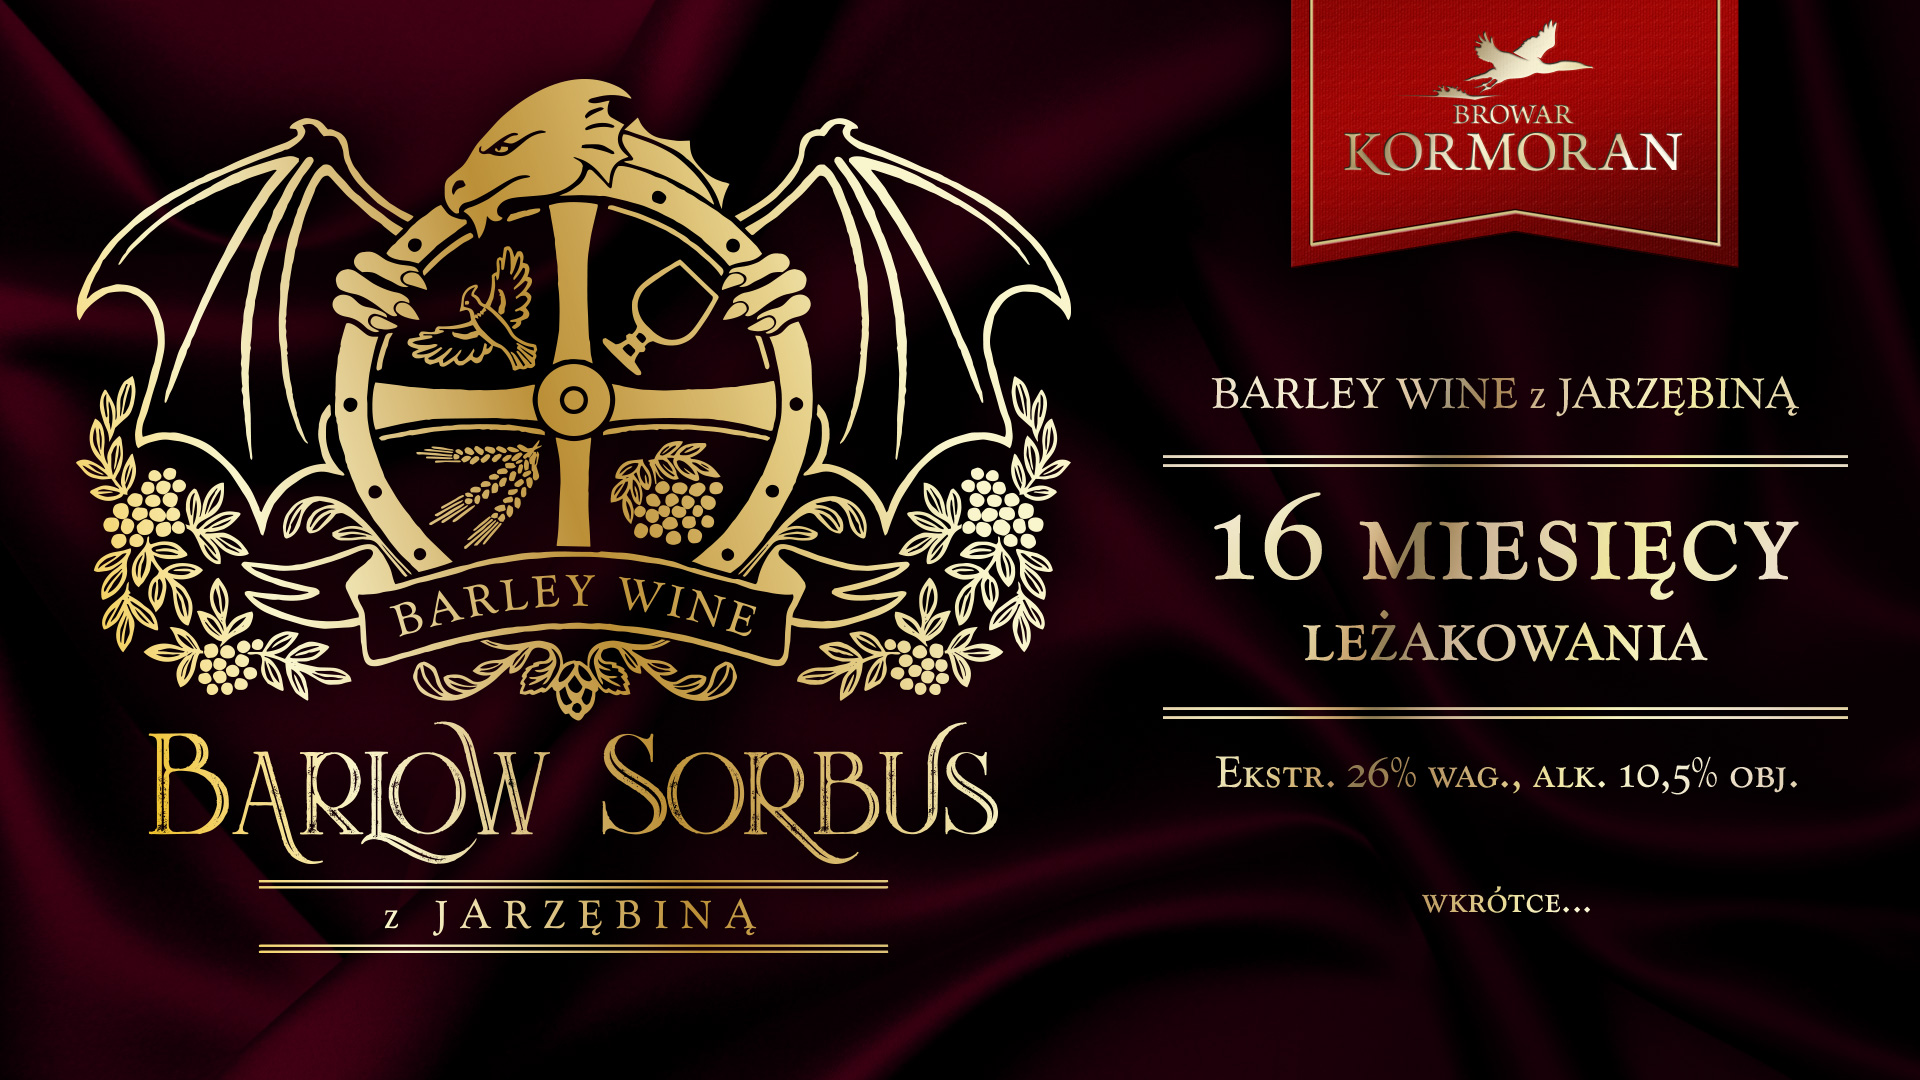 Barlow Sorbus - barley wine z jarzębiną - wkrótce